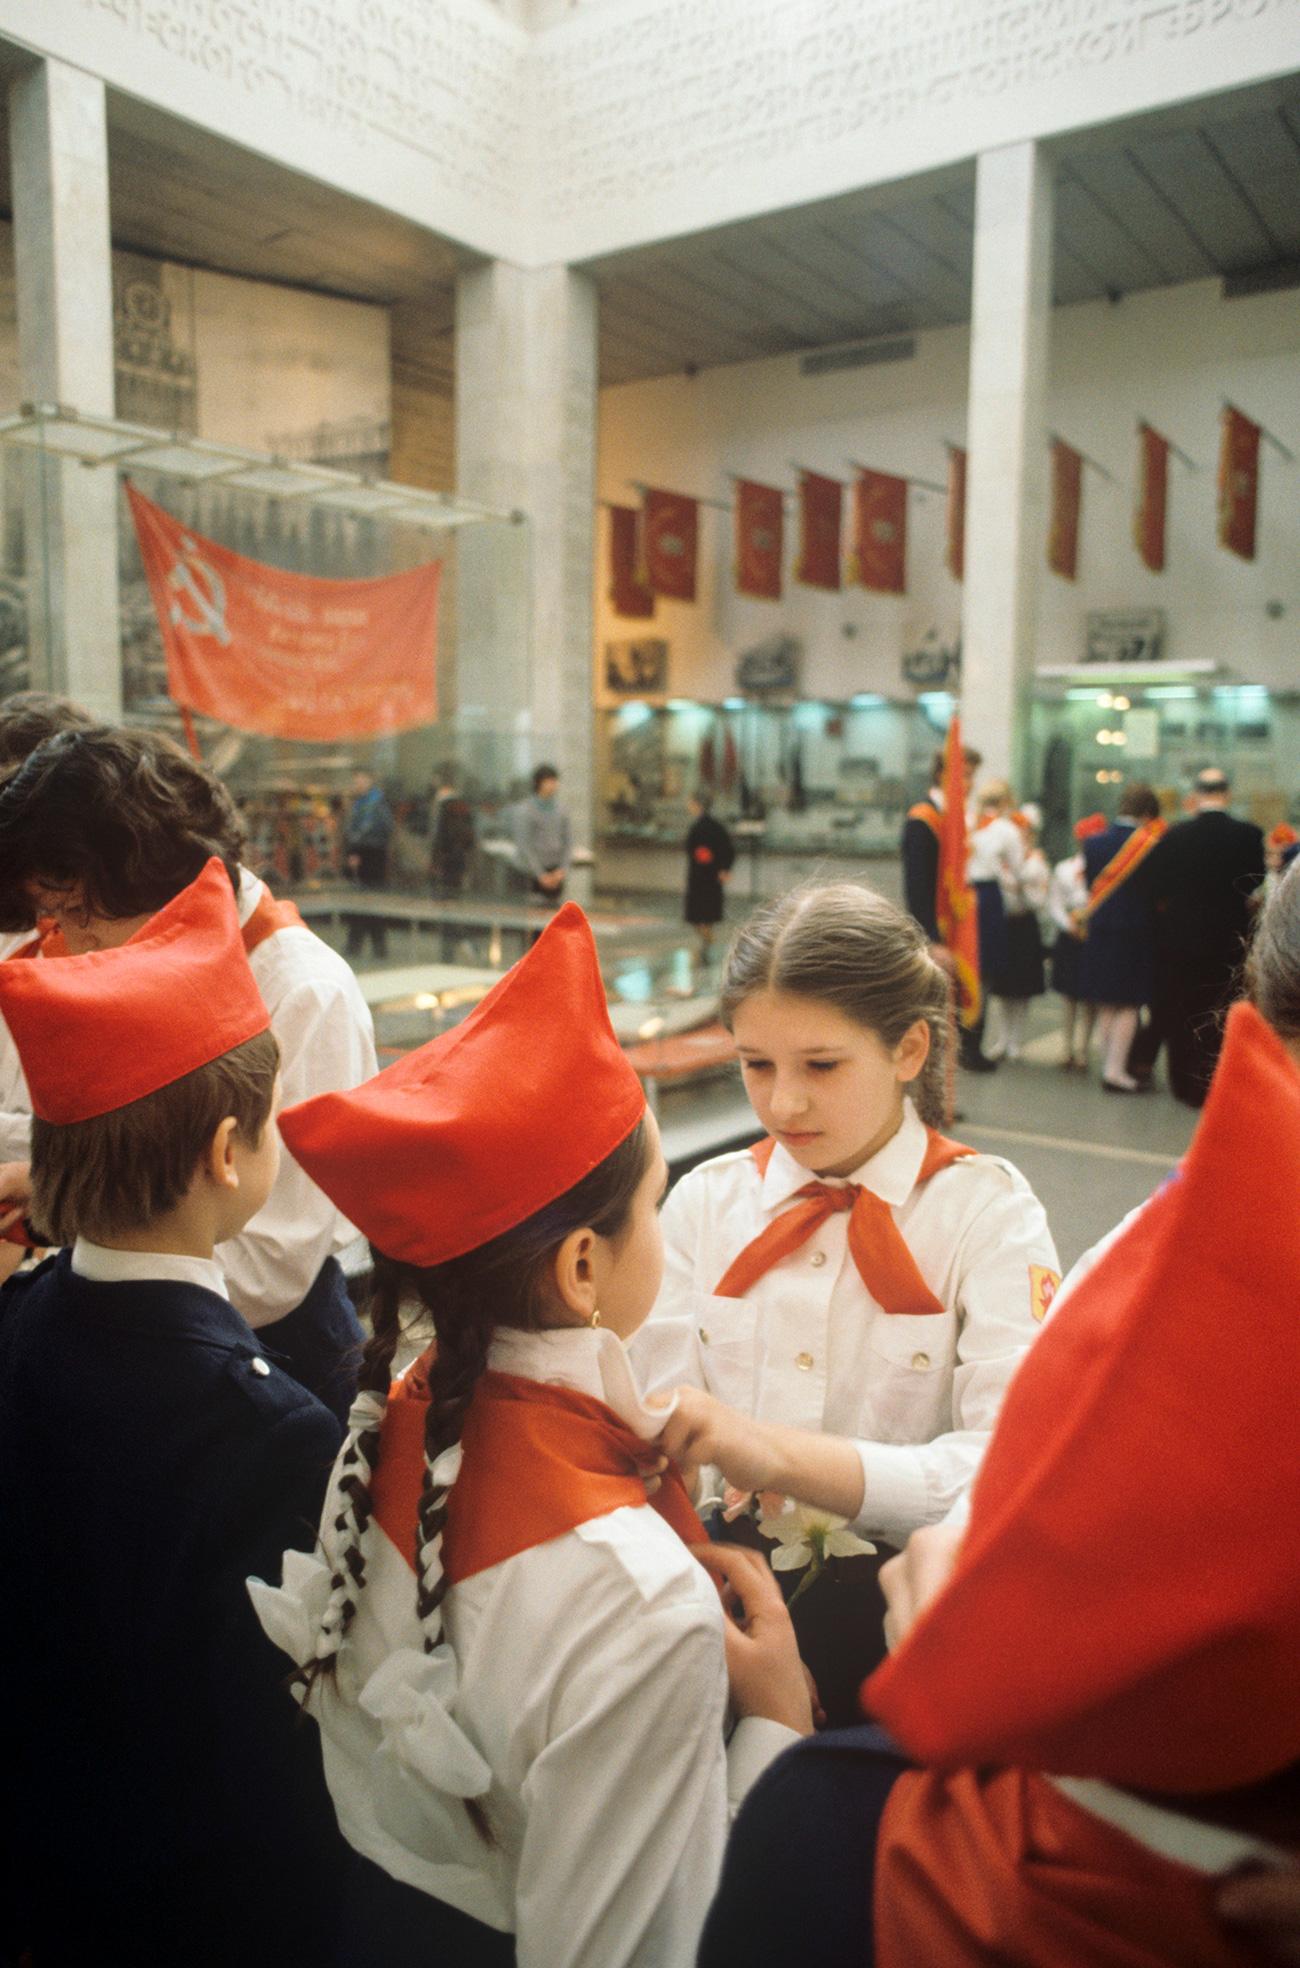 Museum Sentral Angkatan Bersenjata Uni Soviet. Para anggota Pionir secara resmi dilantik sebagai bagian dari Organisasi Persatuan Seluruh Pionir Vladimir Lenin di Aula Kemenangan. 1985. Sumber: Alexandr Graschenkov / RIA Novosti